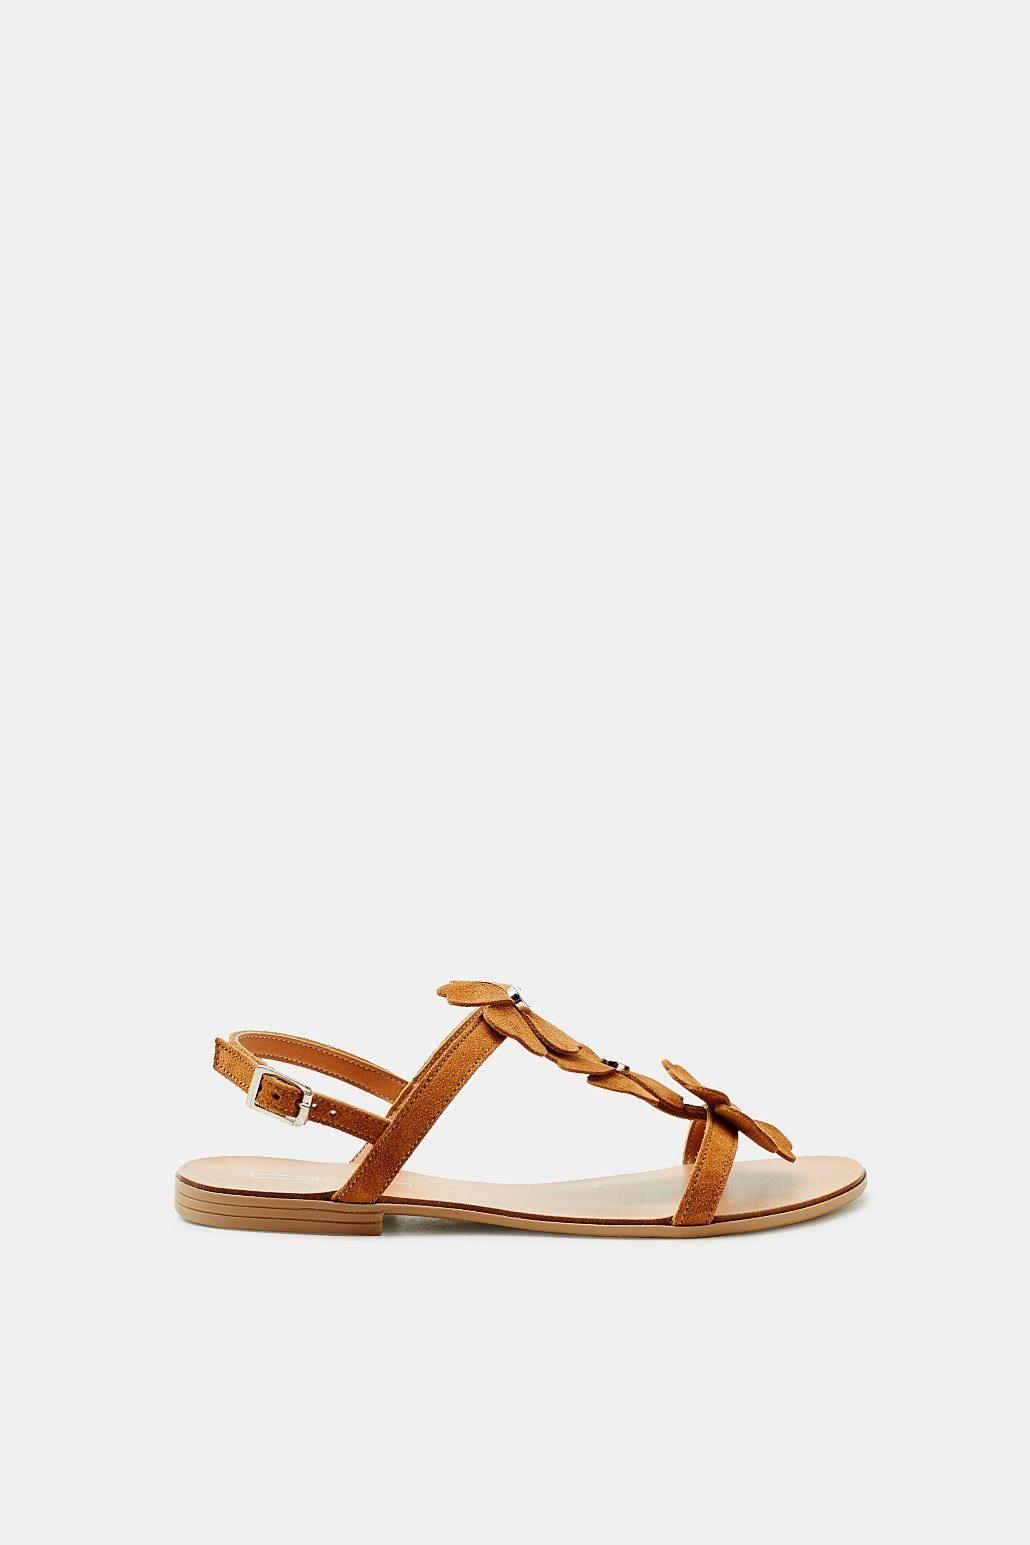 ESPRIT Flache Sandale mit Kleeblatt-Besatz, aus Leder online kaufen  CAMEL